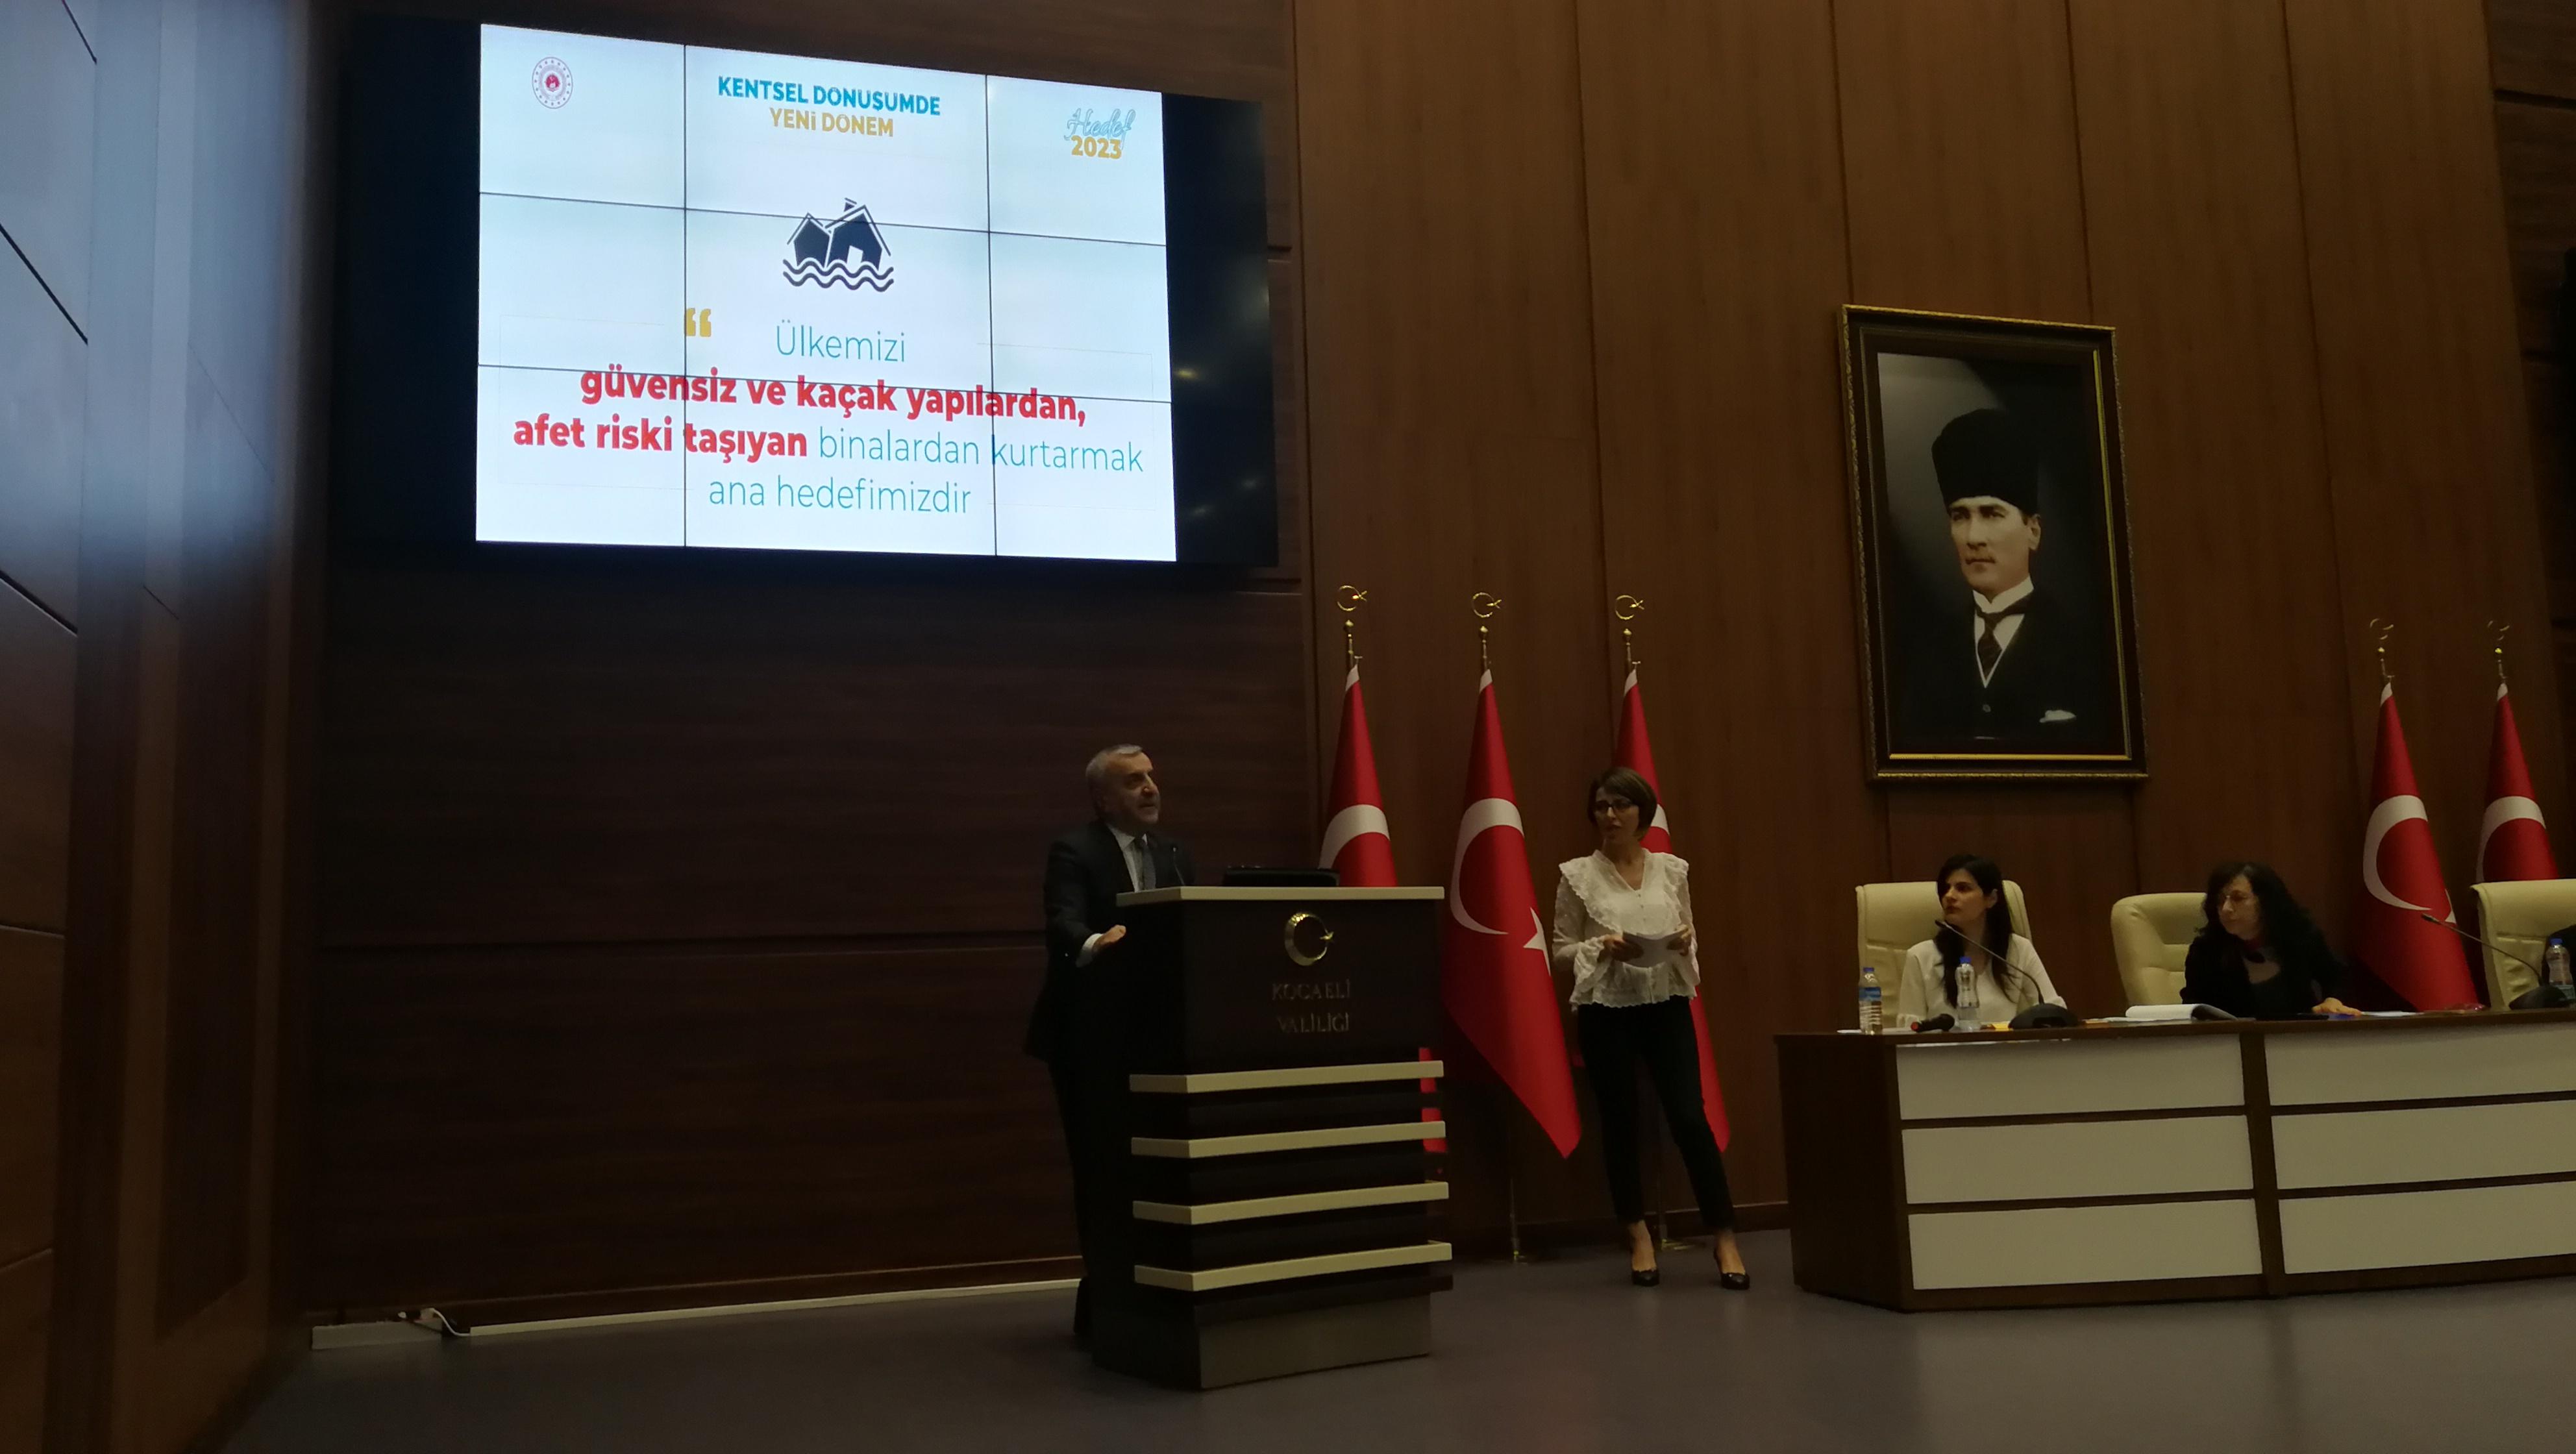 İlimiz Büyükşehir Belediye Başkanlığı ve İlçe Belediye Başkanlıkları ile Kentsel Dönüşümde Yeni Dönem…